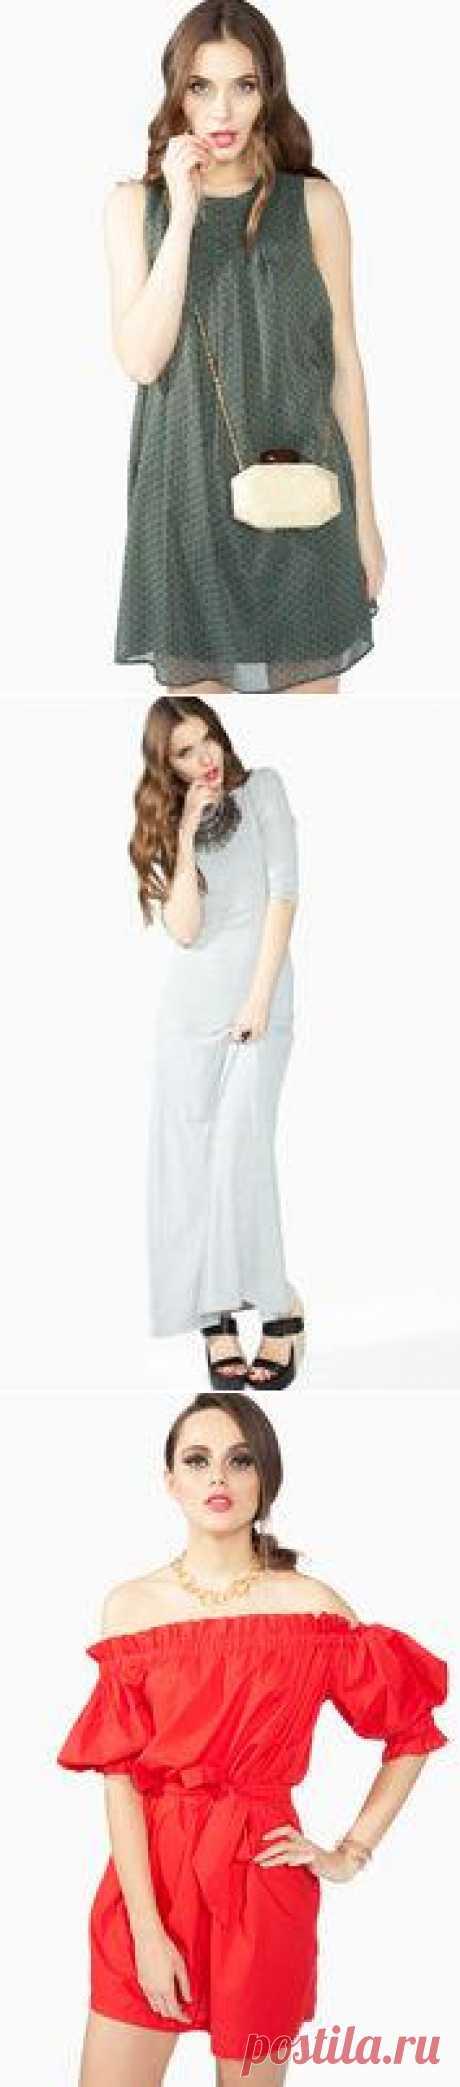 ¡Los vestidos a la moda por el verano de 2000 hasta 5000 rub!